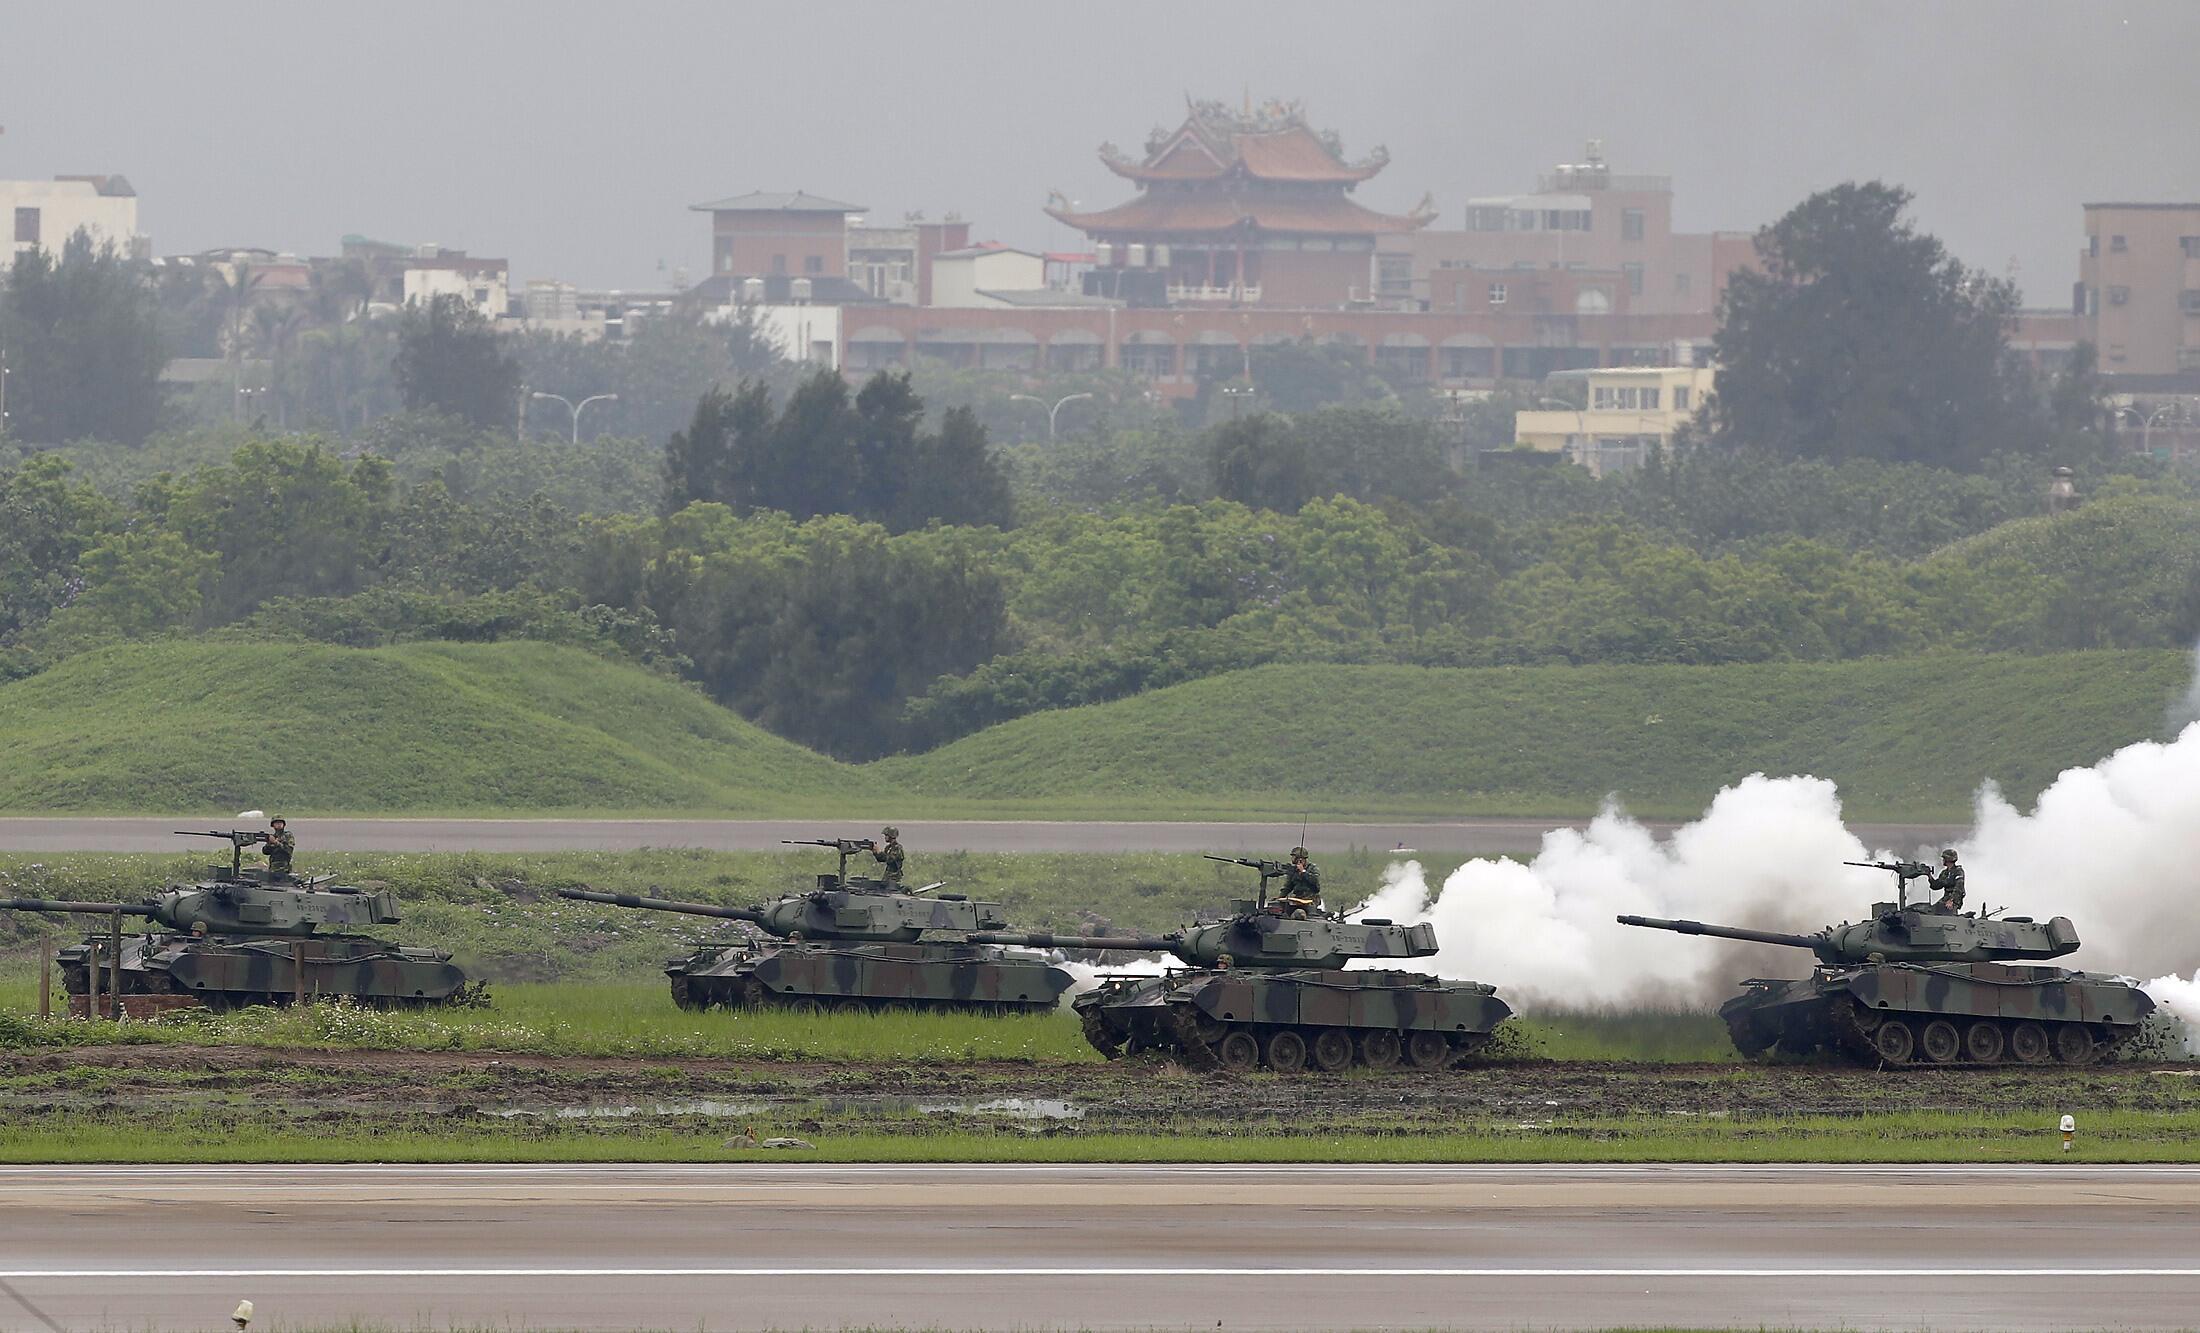 Cuộc tập trận Hán Quang diễn ra tại phía bắc Đài Loan hôm 19/04/2012 nhằm thực tập bảo vệ thủ đô Đài Bắc trong trường hợp bị Trung Quốc tấn công.